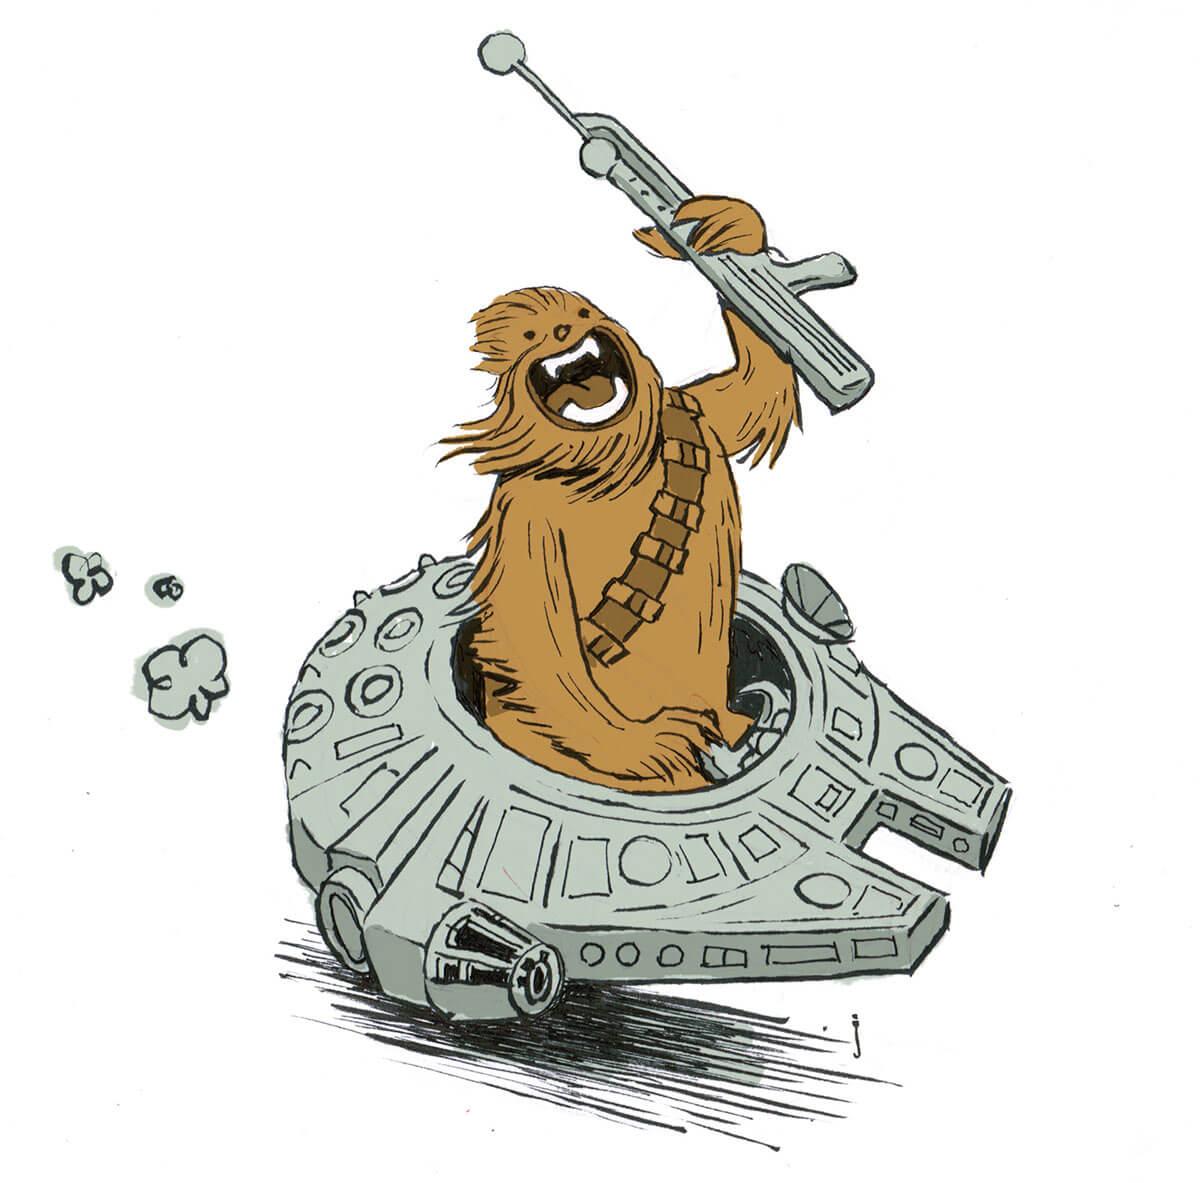 Star Wars Fan Art by Jim Bryson